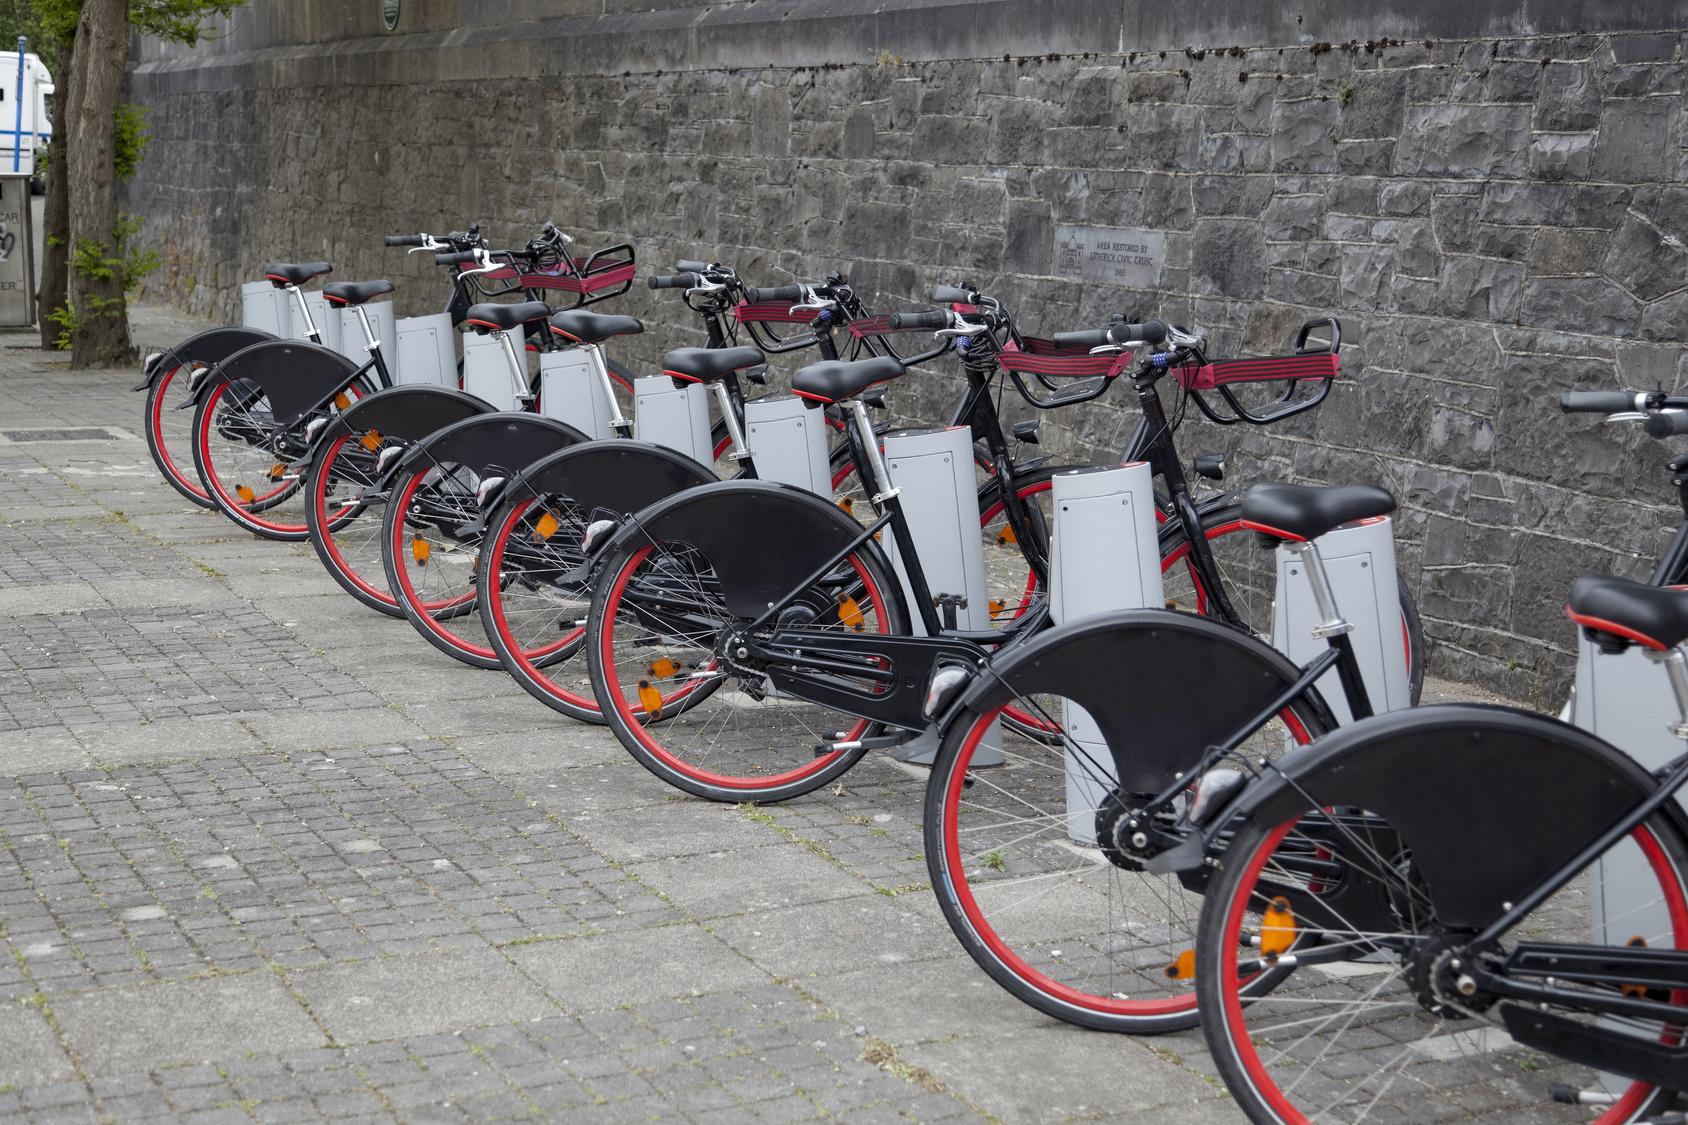 Mobilität: Manche Leihfahrräder müssen an Stationen ausgeliehen und zurückgegeben werden